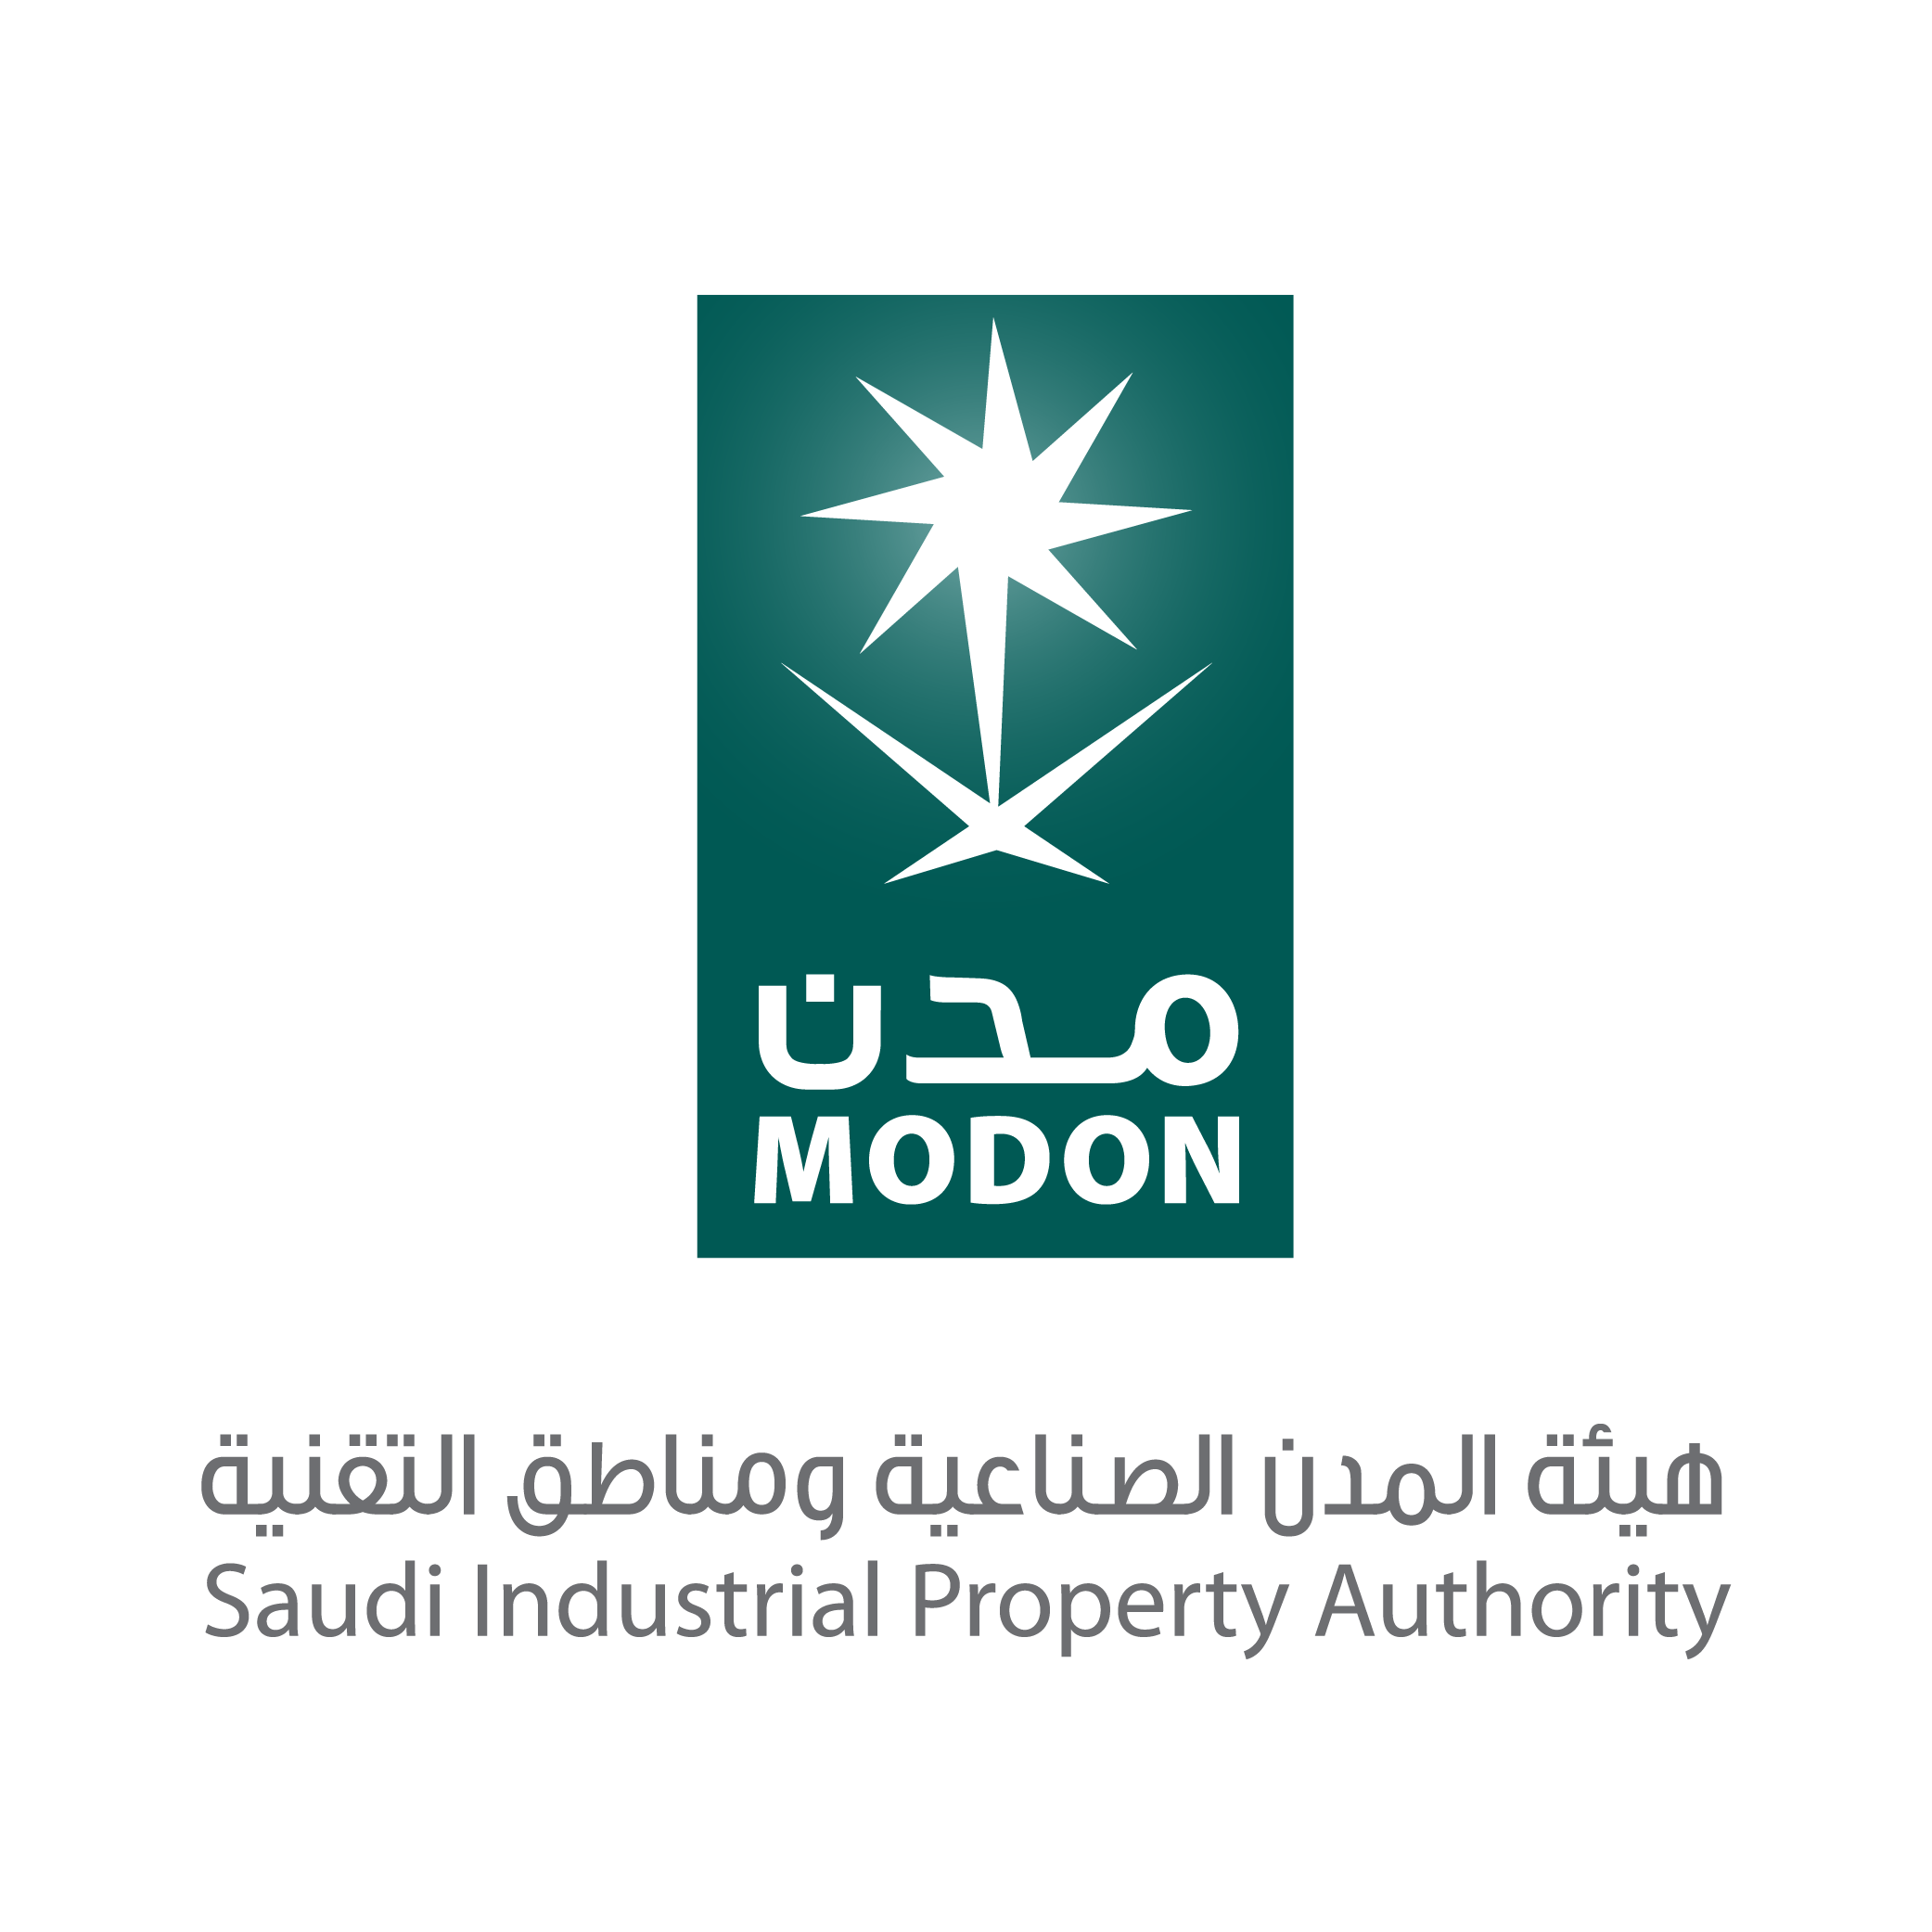 Modon-01.png